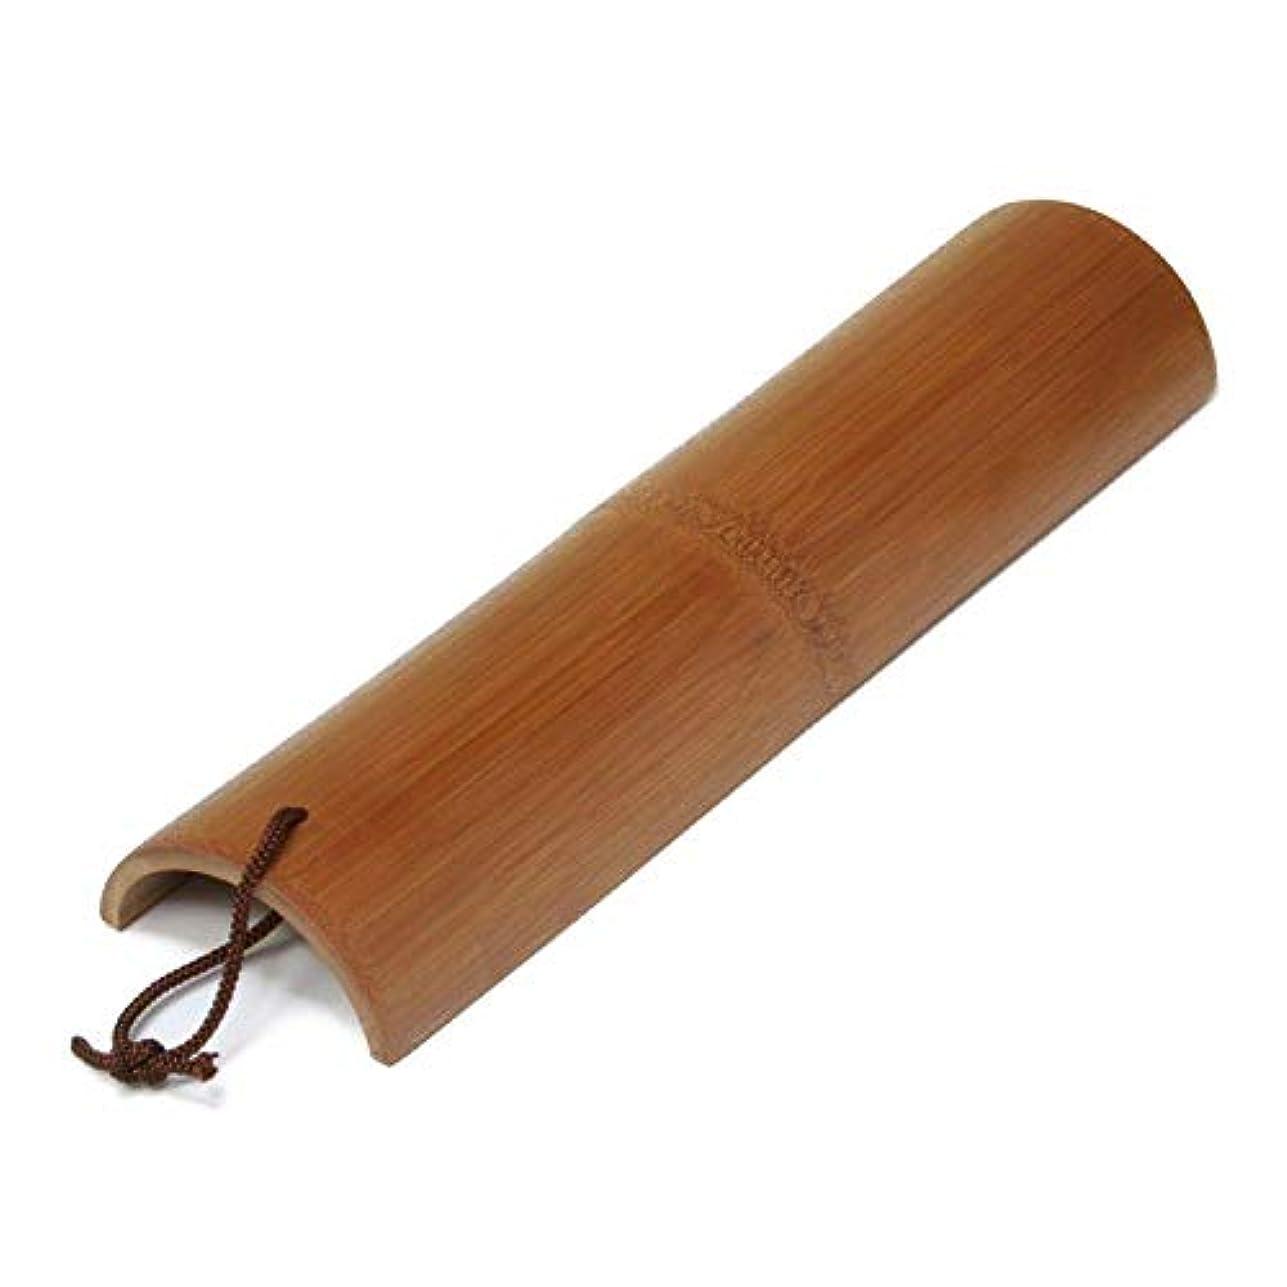 炭化竹製「大判?踏み竹」 「竹の本場?大分県」よりお届けします